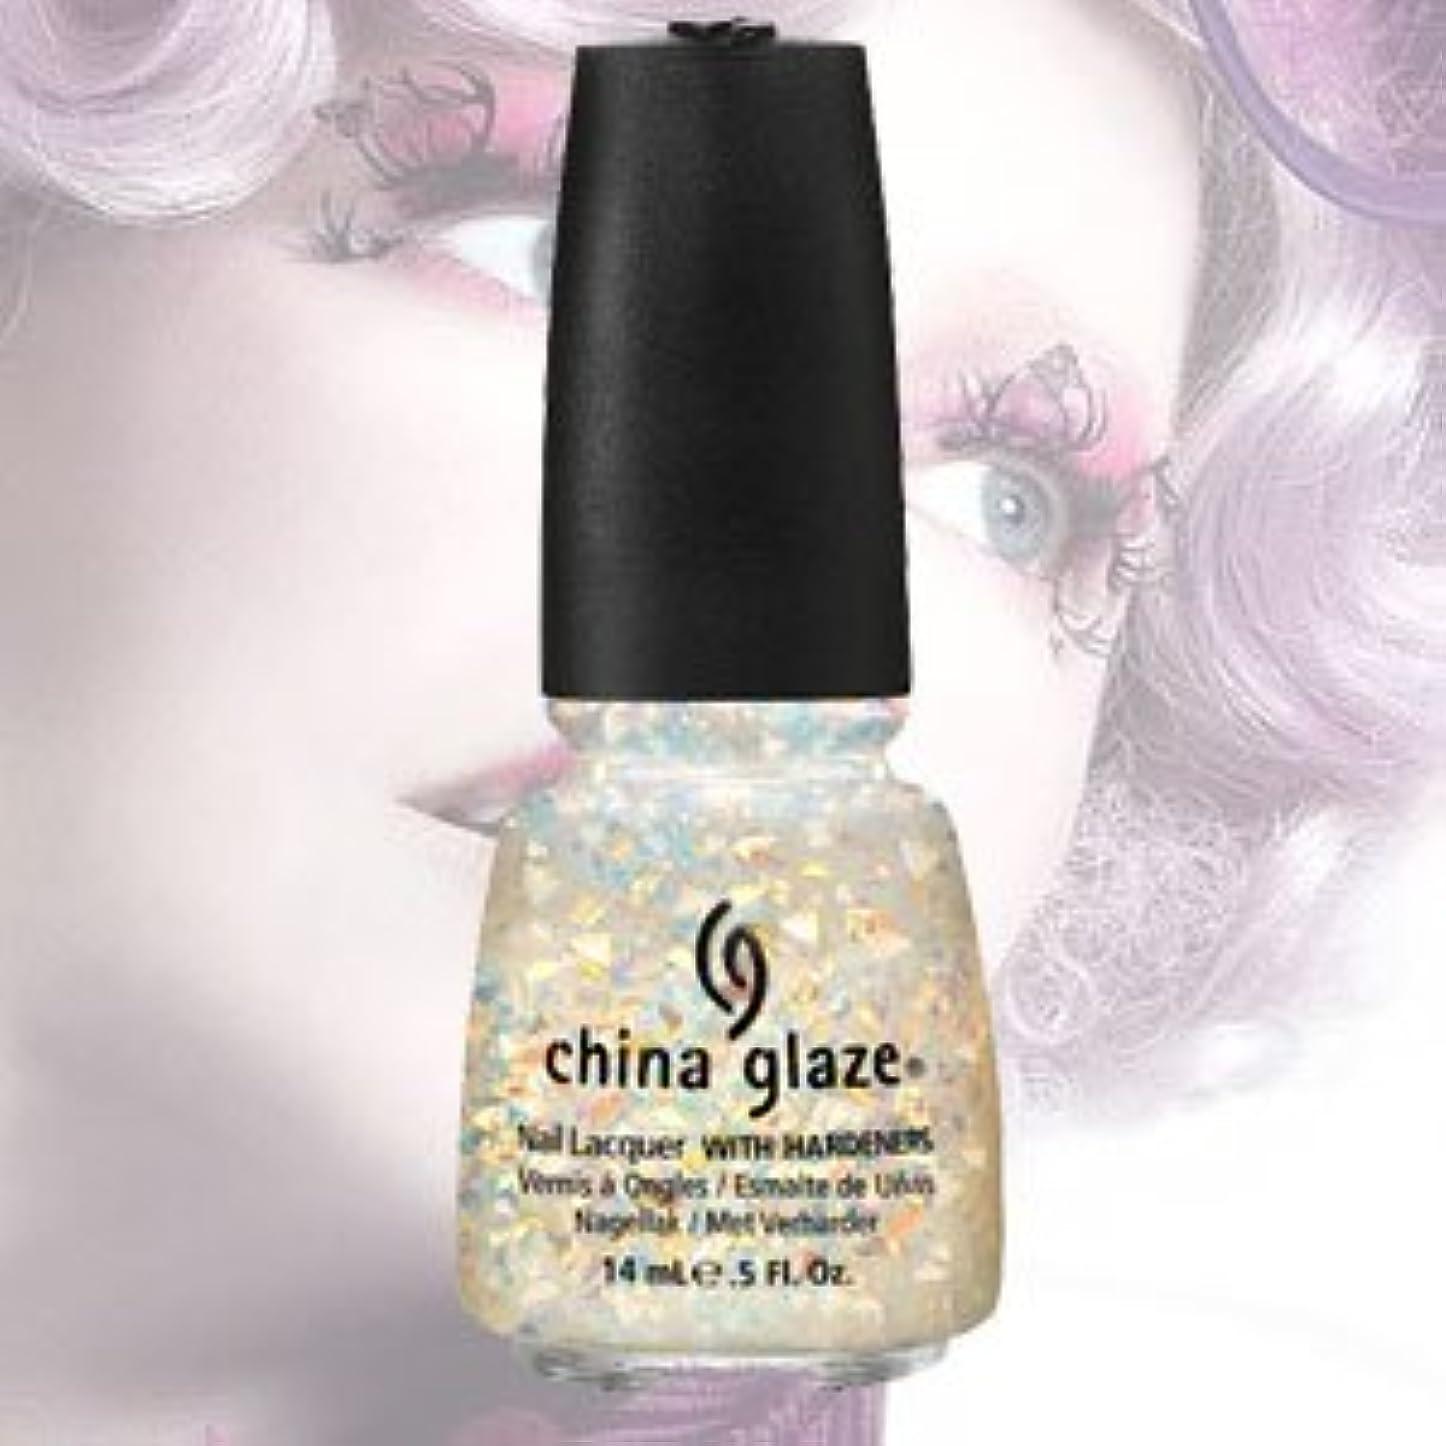 灌漑キッチン動(チャイナグレイズ)China Glaze Luxe and LushーCAPITOL COLOURS コレクション [海外直送品][並行輸入品]